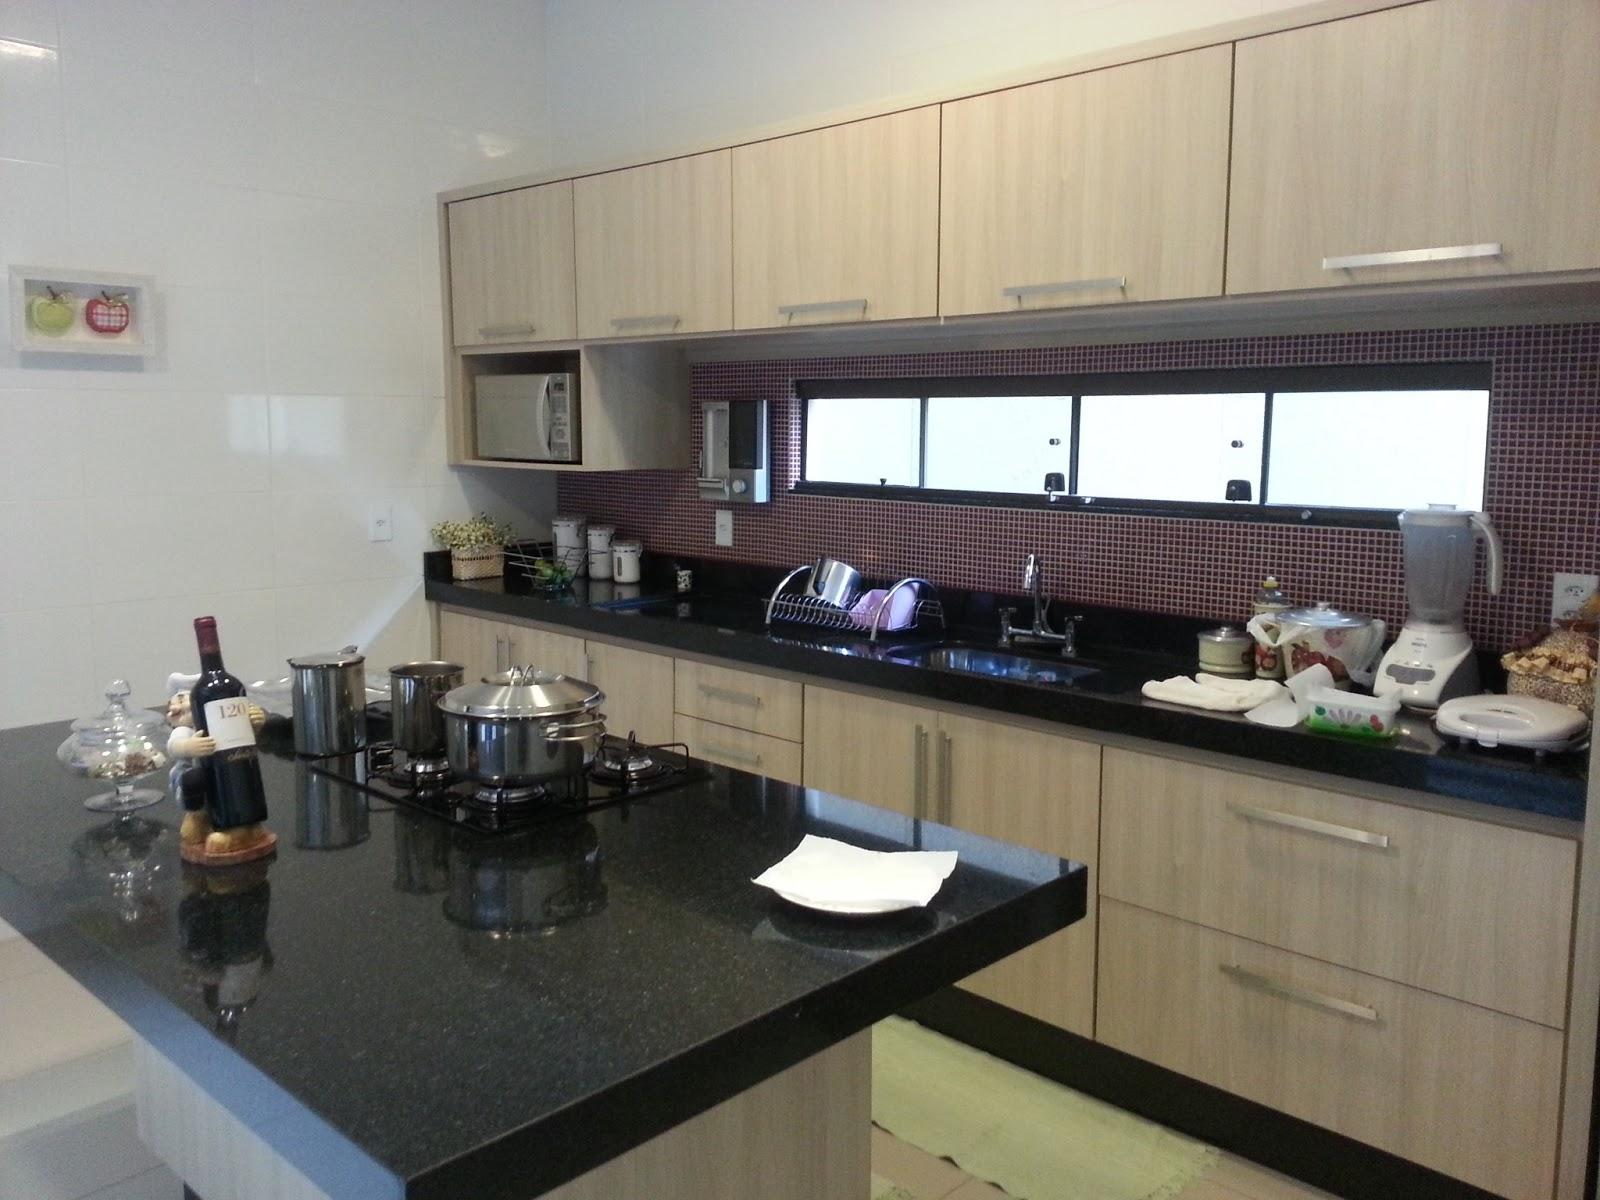 THIAGO STEIN Corretor de Imóveis: Vendo Casa no Jardim Mônaco #7B6E50 1600 1200